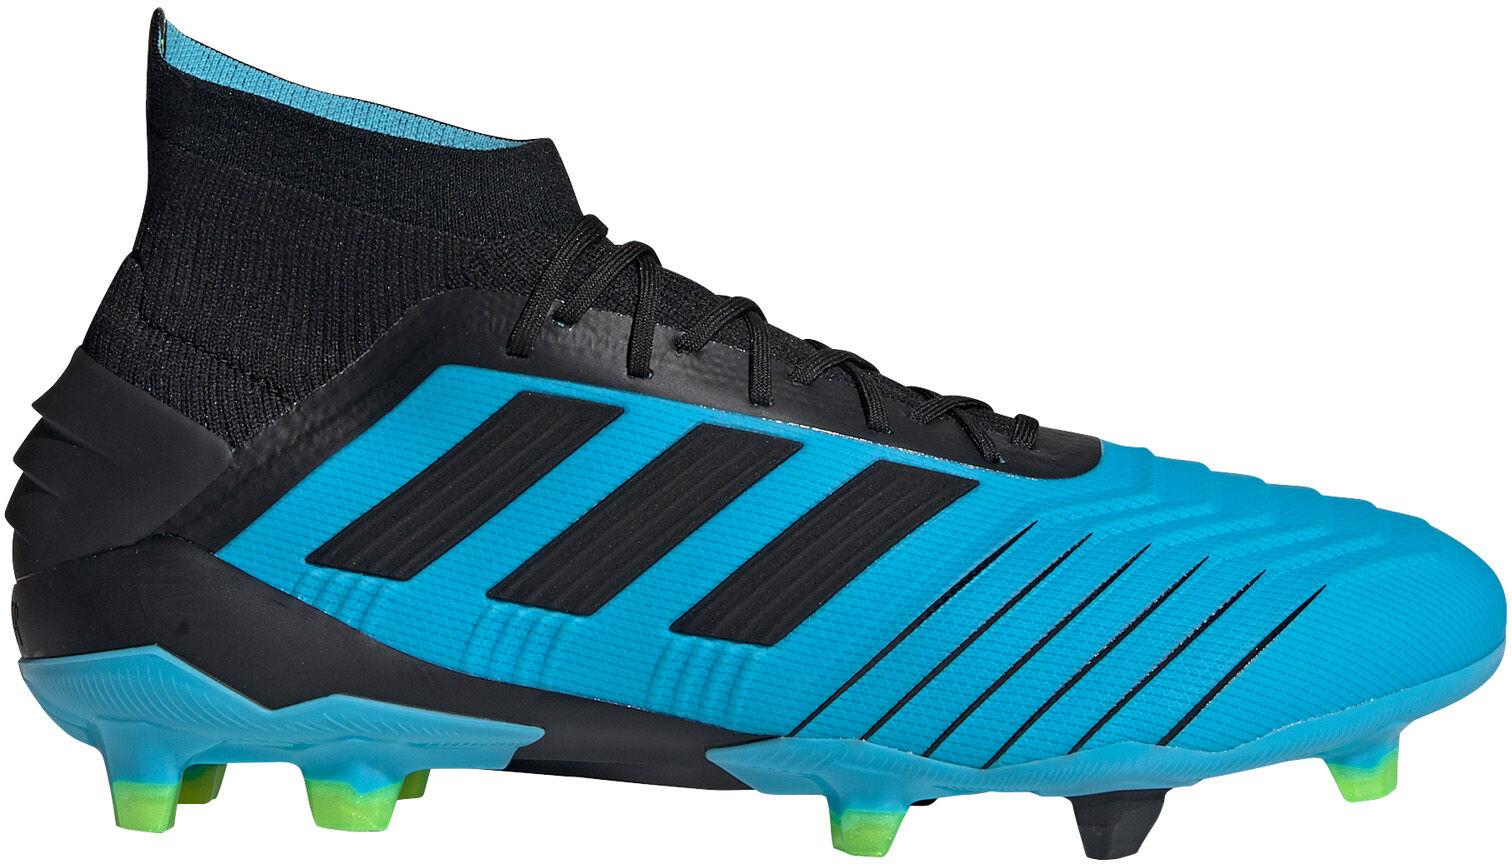 Voetbalschoenen online kopen bij INTERSPORT